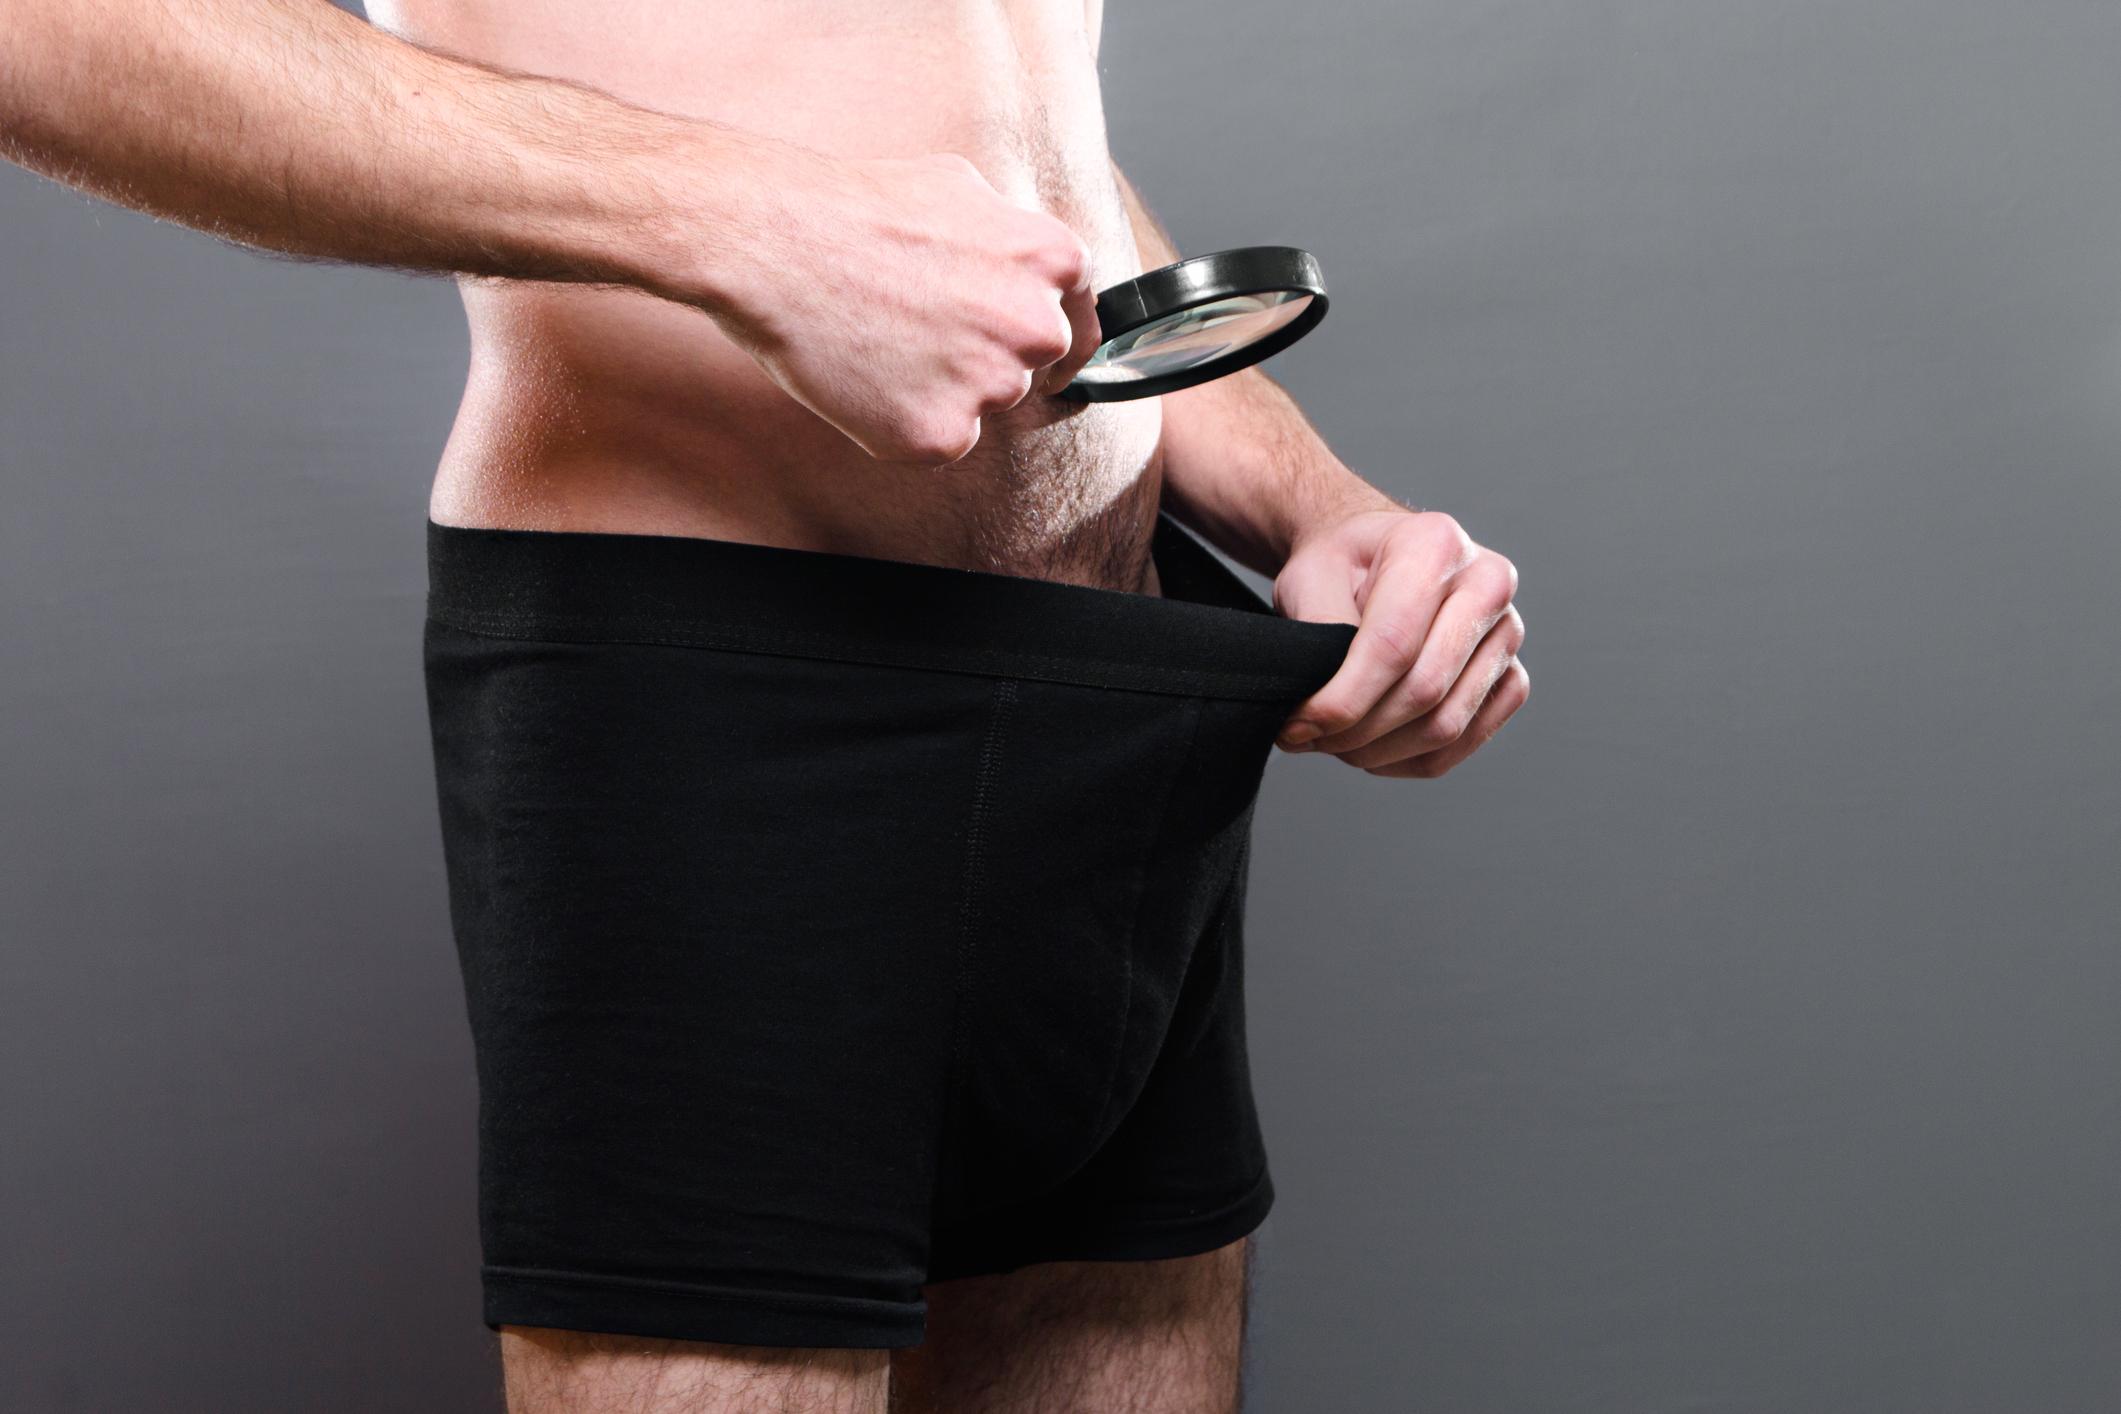 szórakozás a pénisz számára